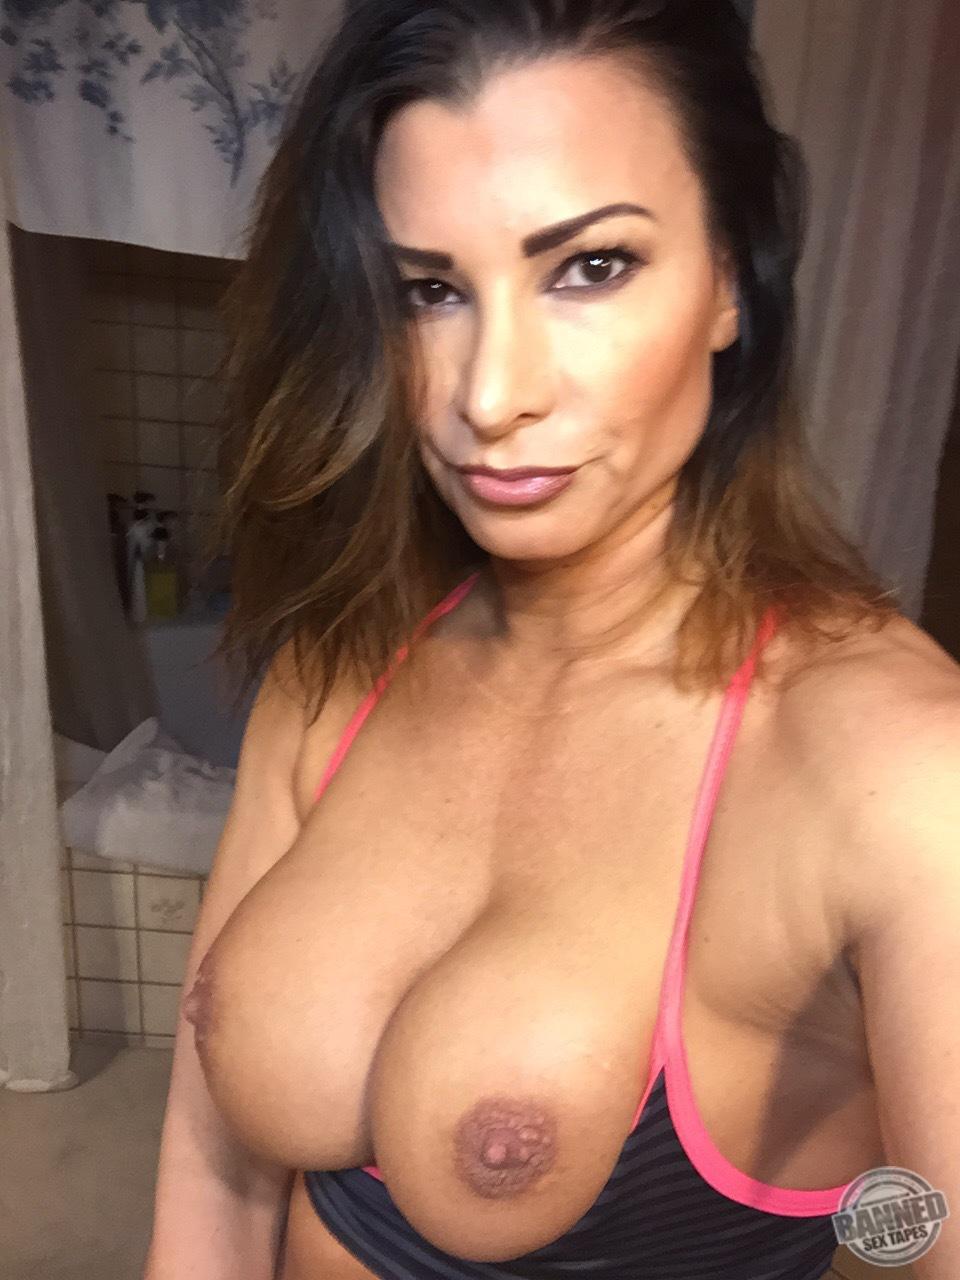 Lisa Marie Varon Sex Tape & Icloud Hack Pics 028